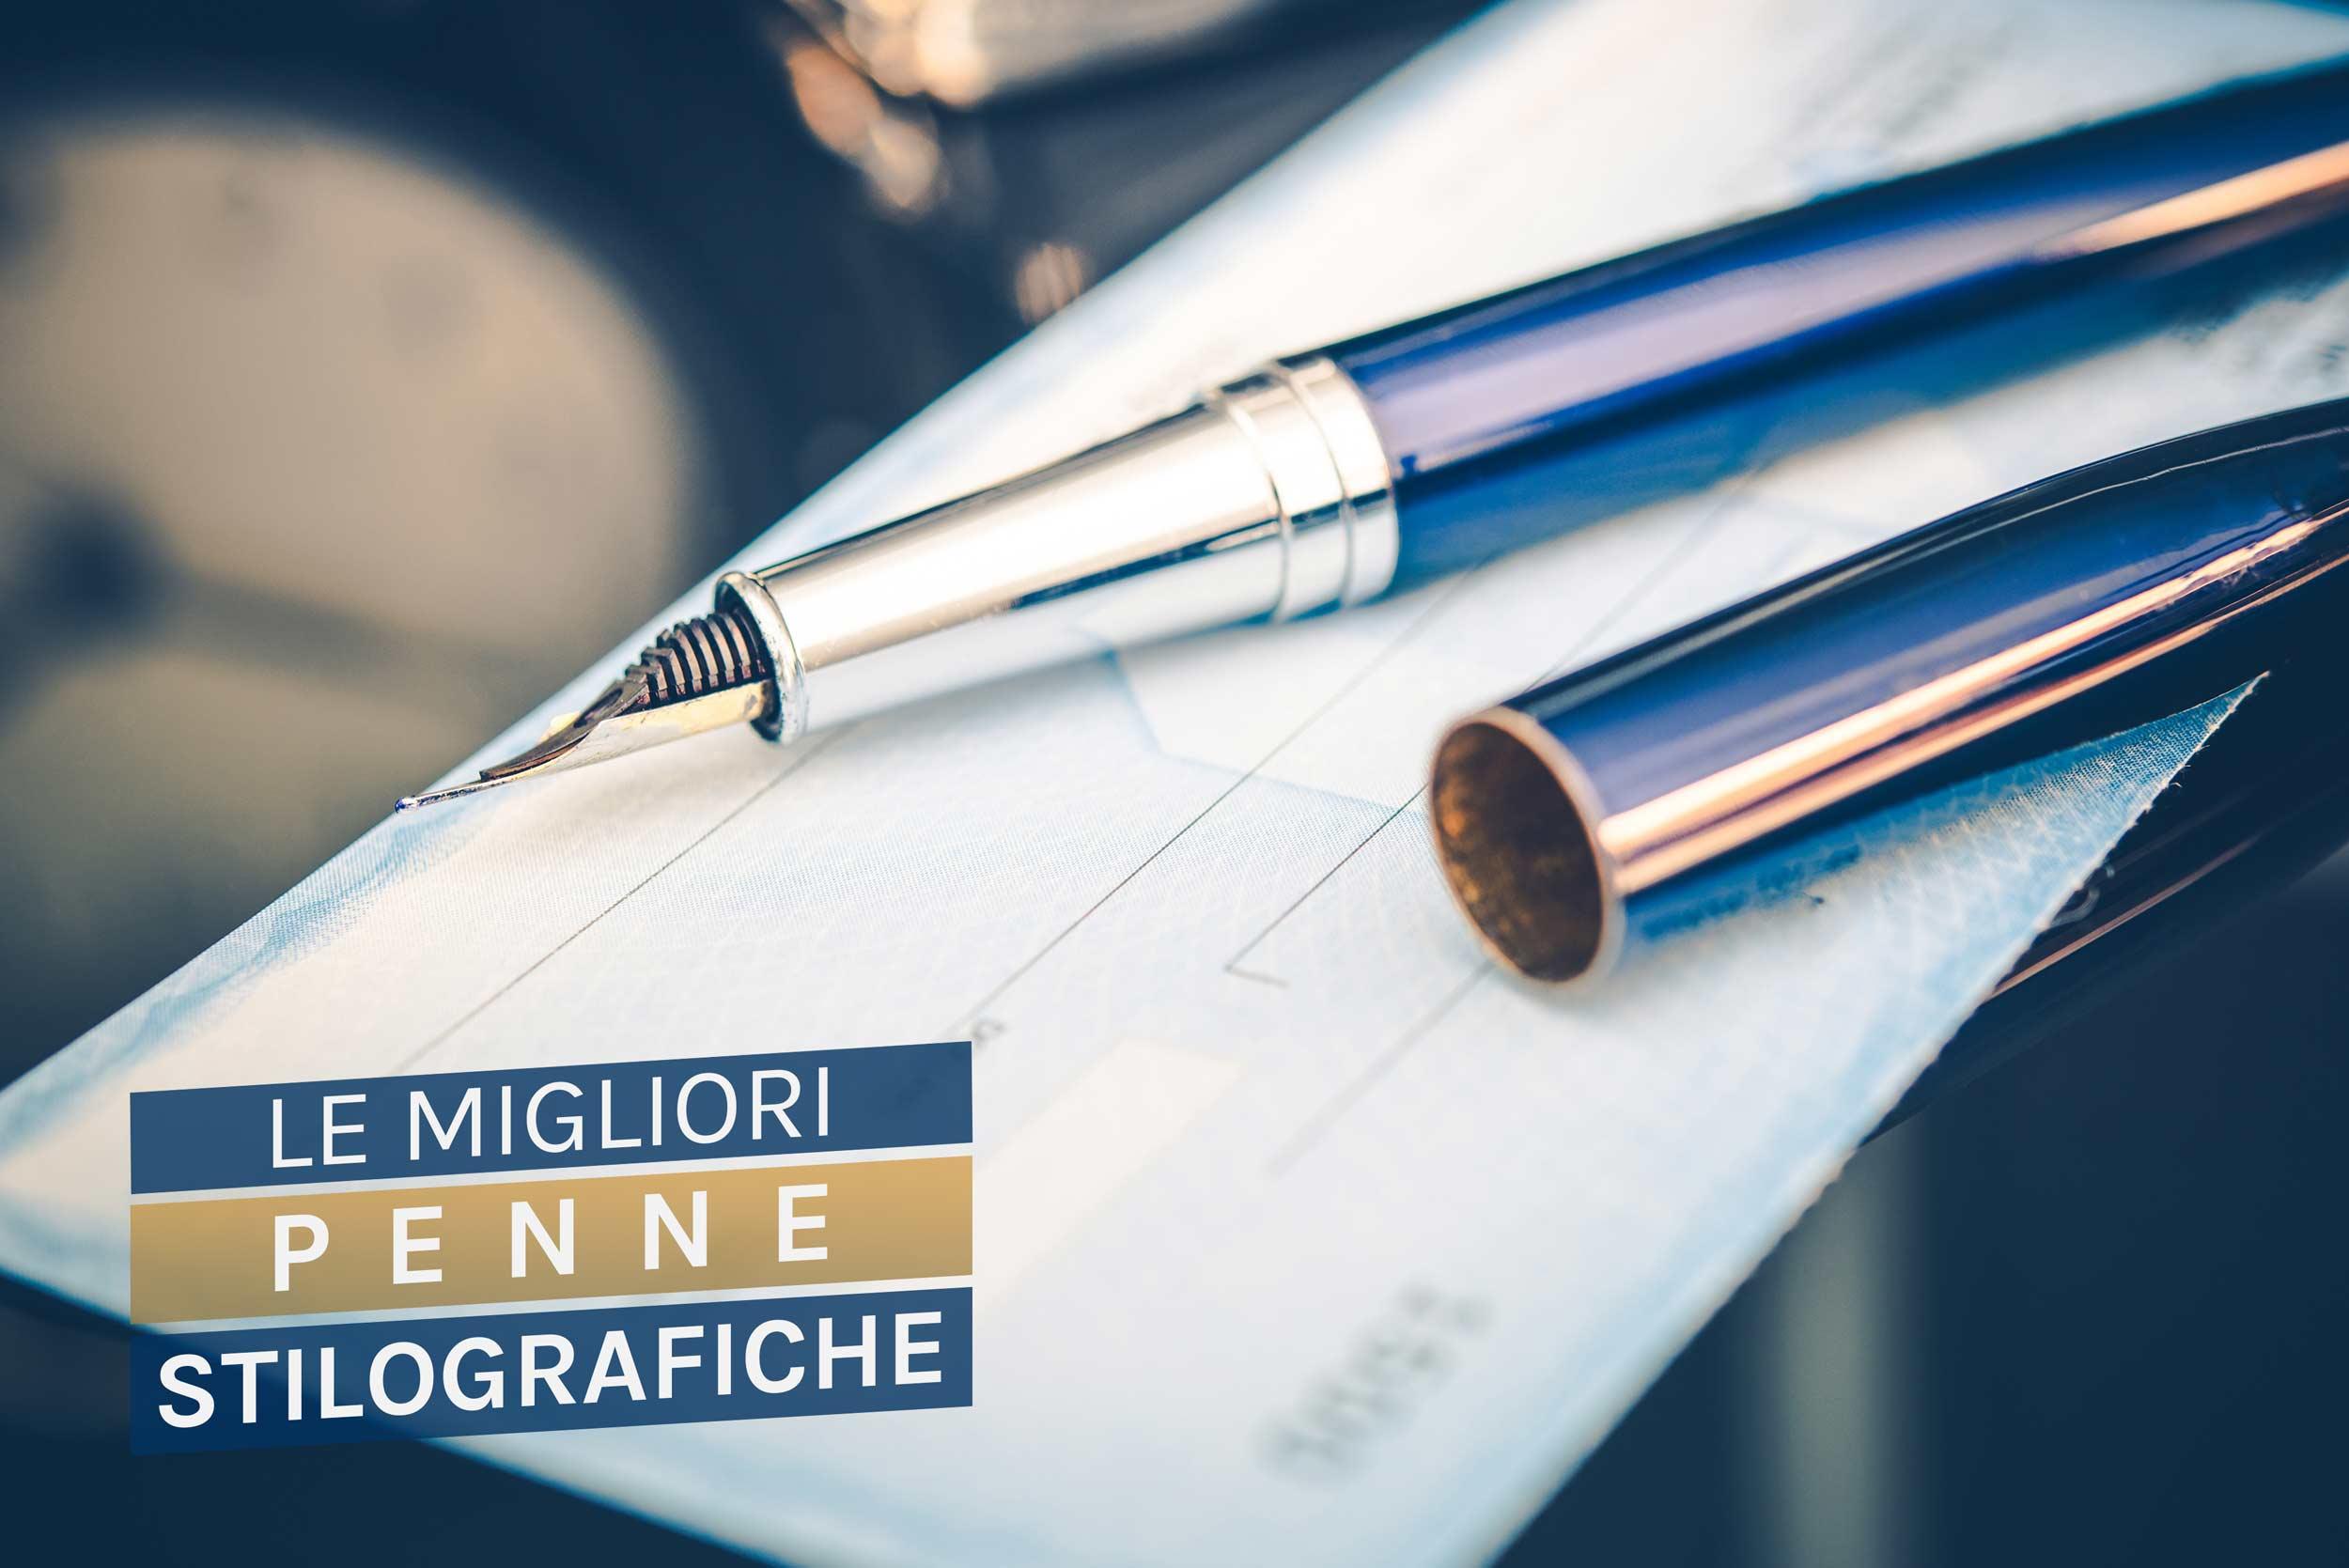 Migliori Penne Stilografiche E Prezzi: Parker O Montblanc? Recensioni